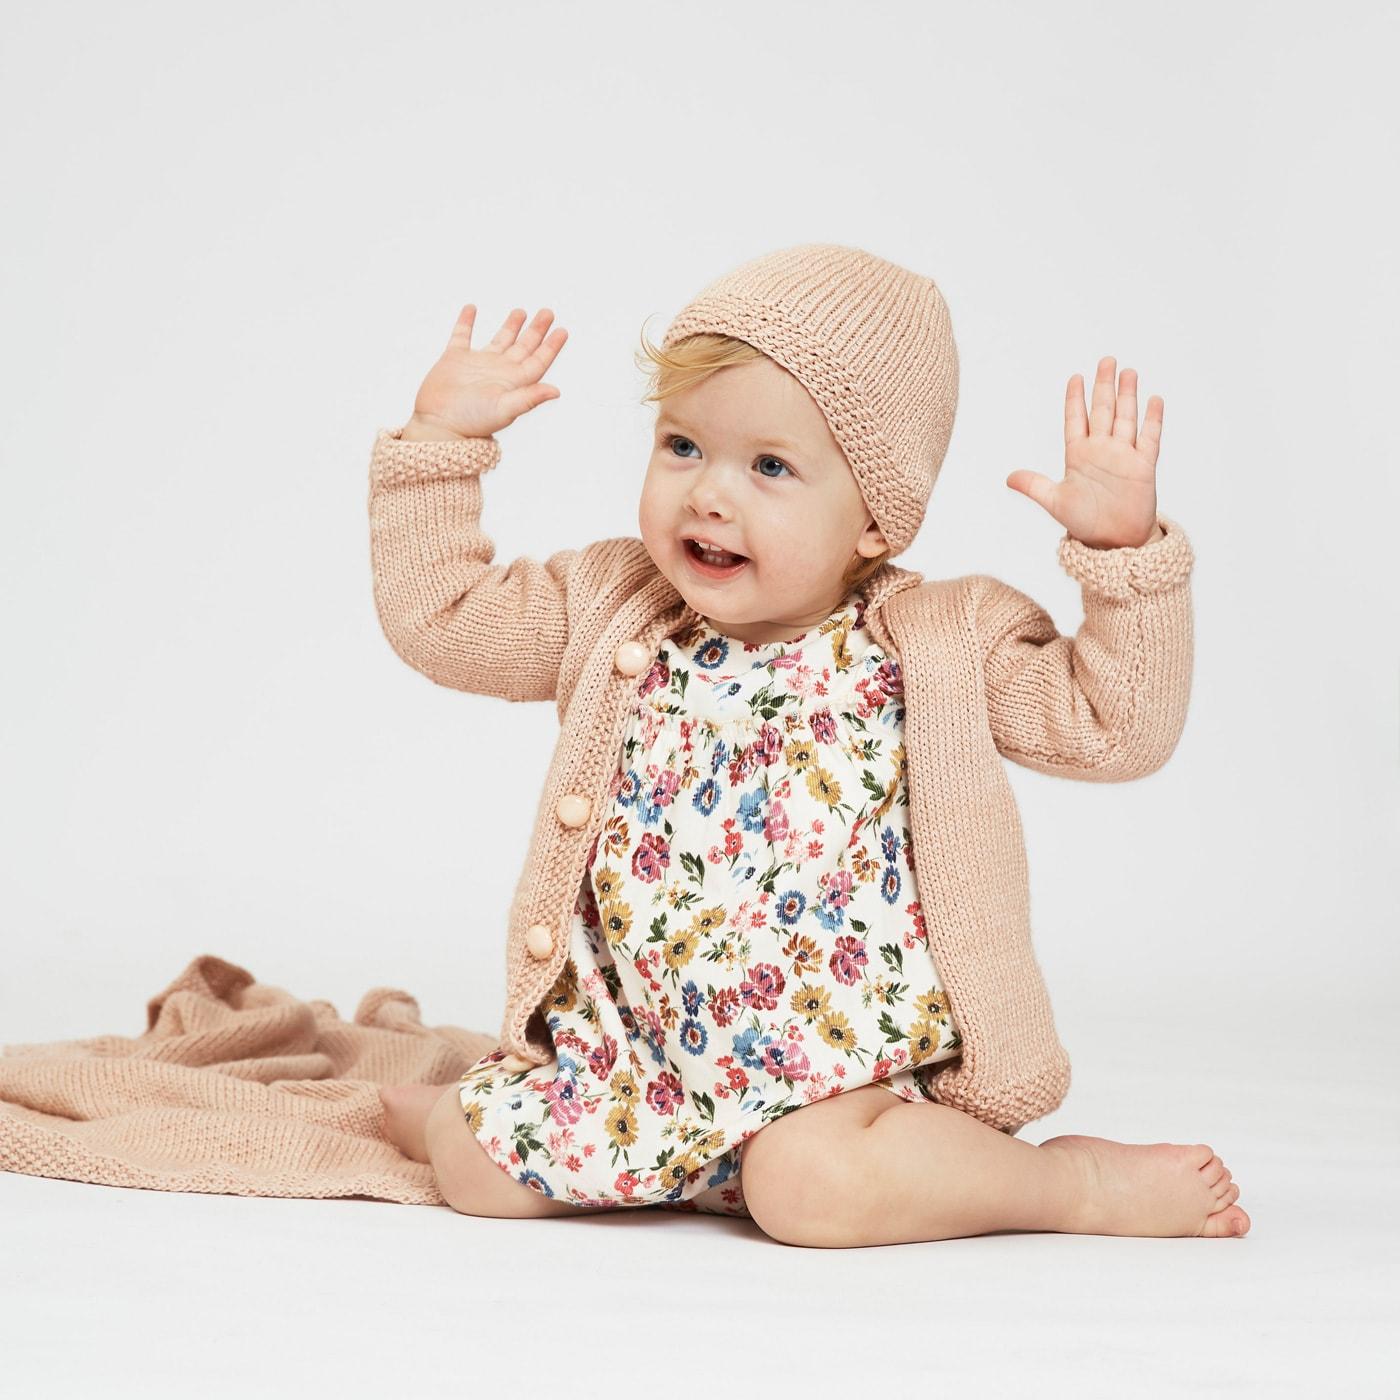 Babyoutfit mit Babydecke, Babymütze und Babyjacke in einem Look stricken // HIMBEER